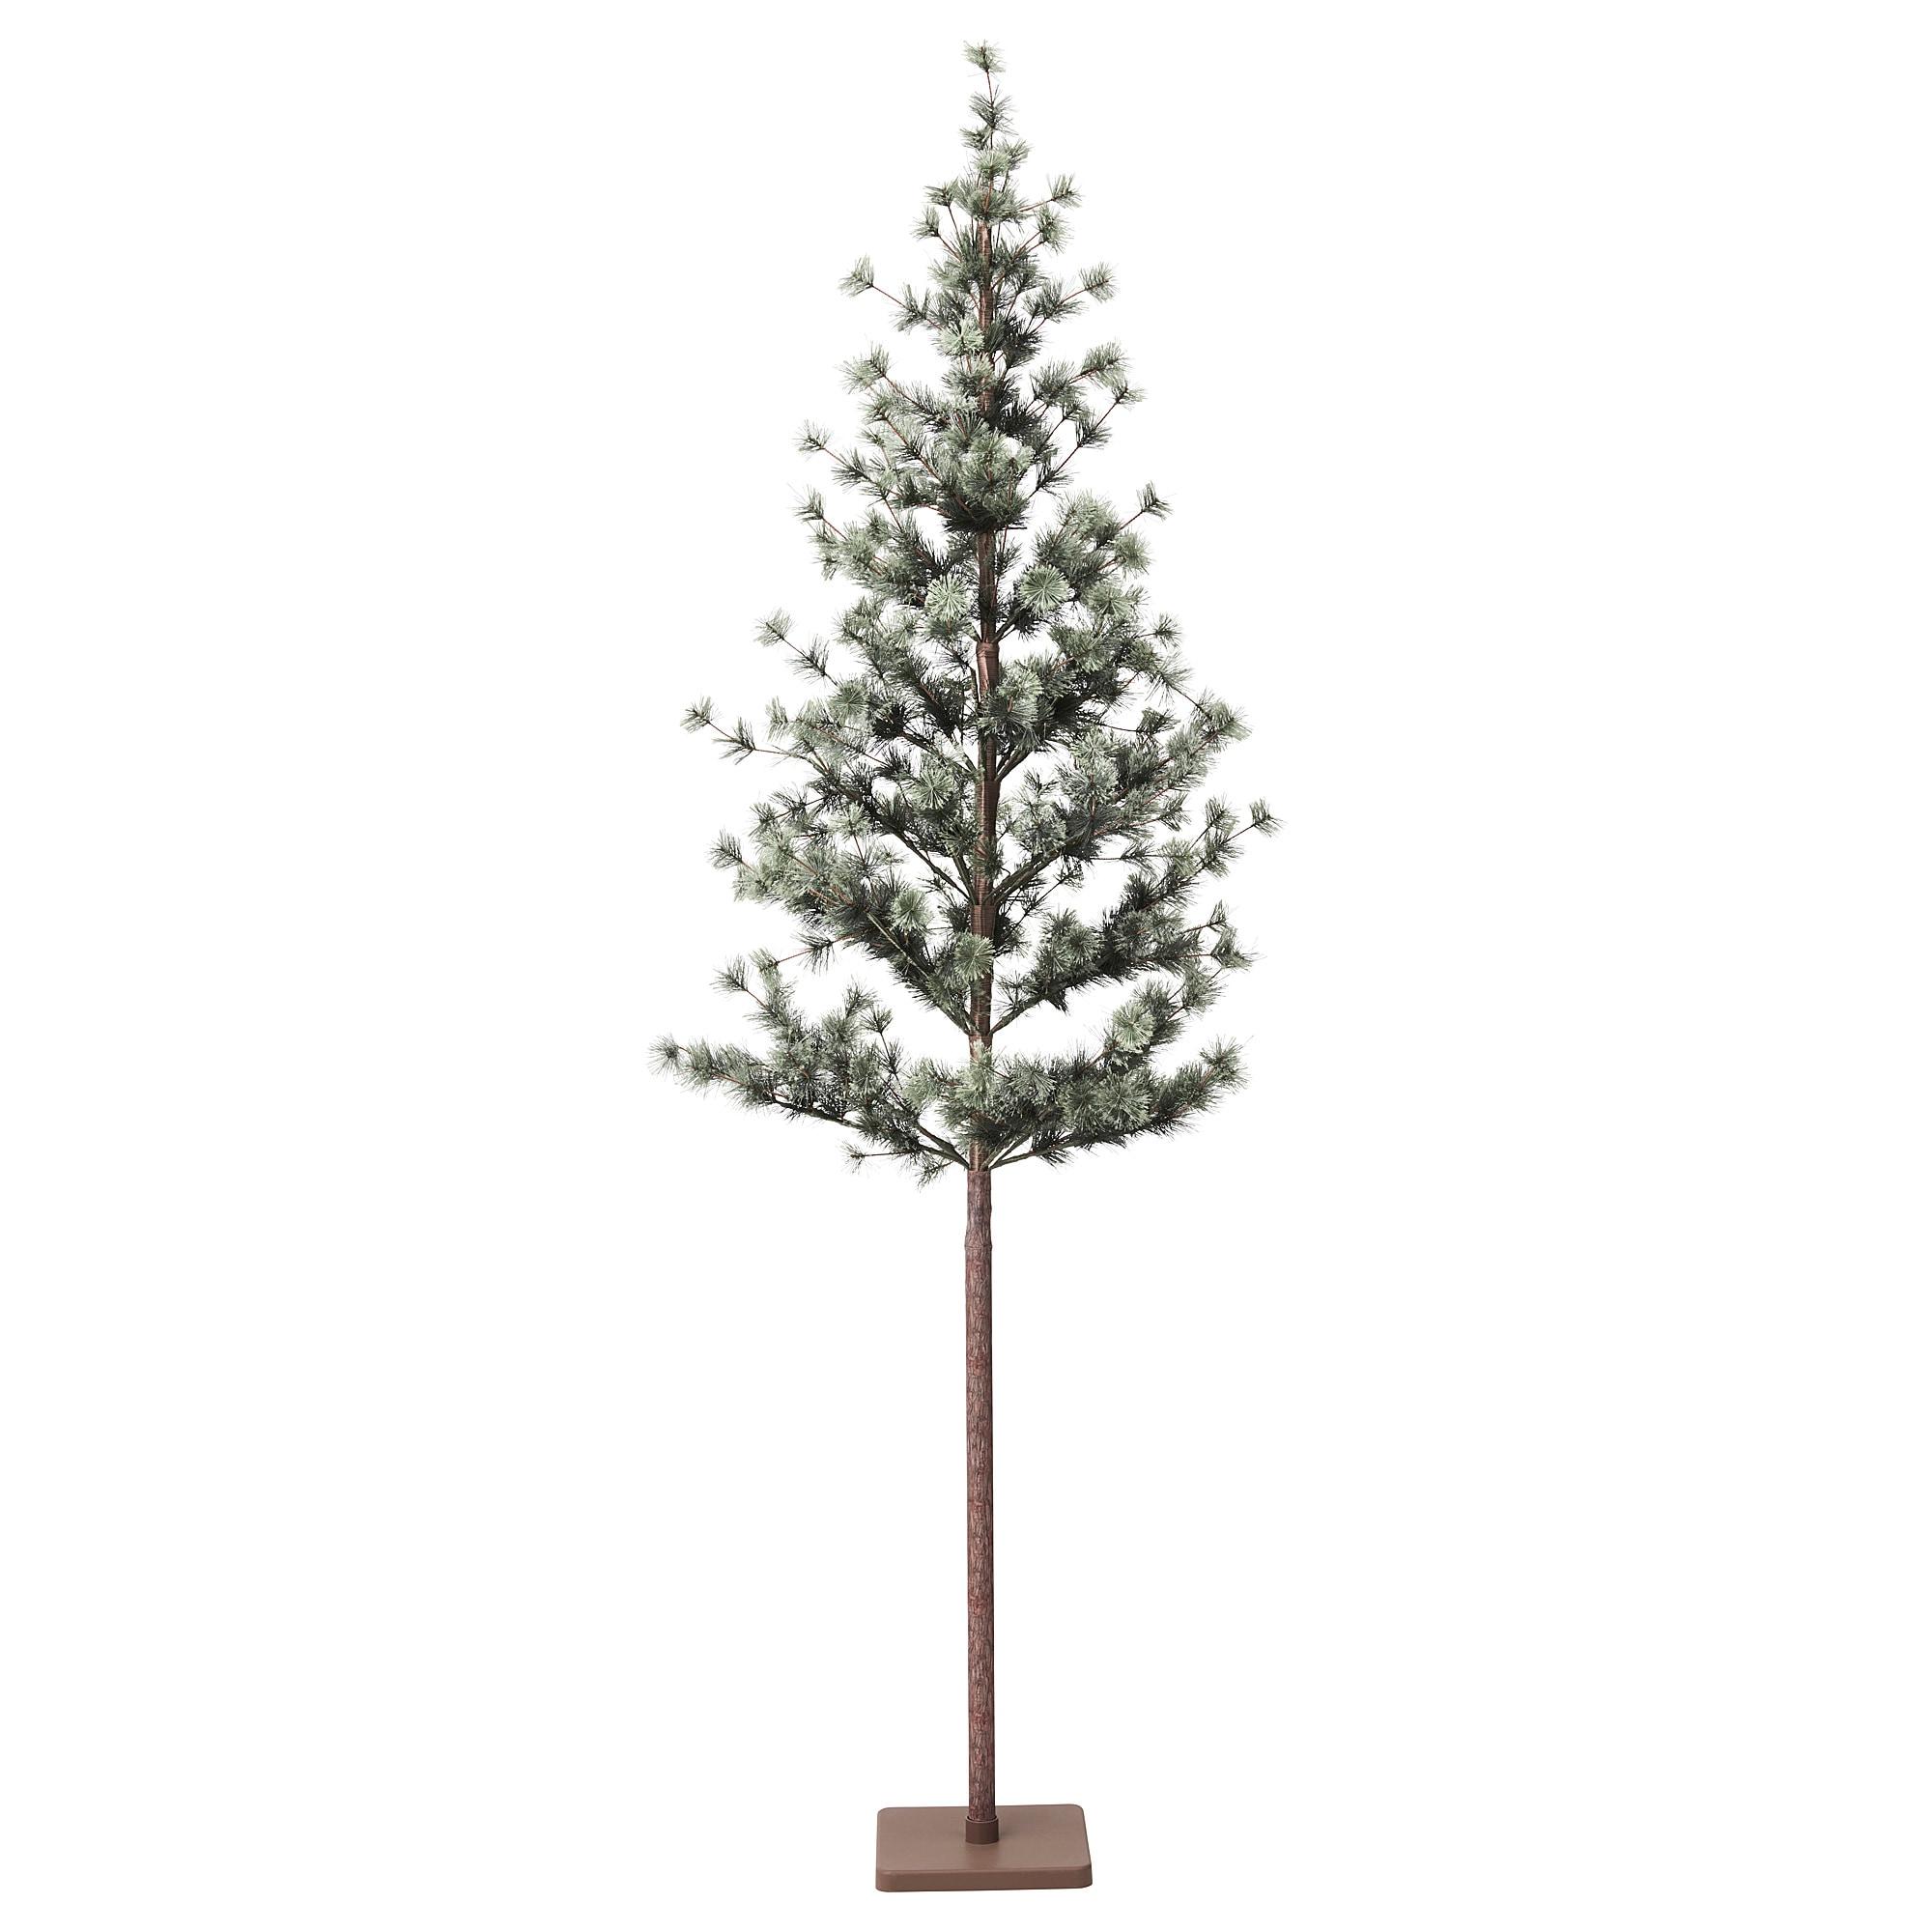 Растение искусственное ФЕЙКА артикуль № 804.015.79 в наличии. Online сайт IKEA Минск. Недорогая доставка и соборка.